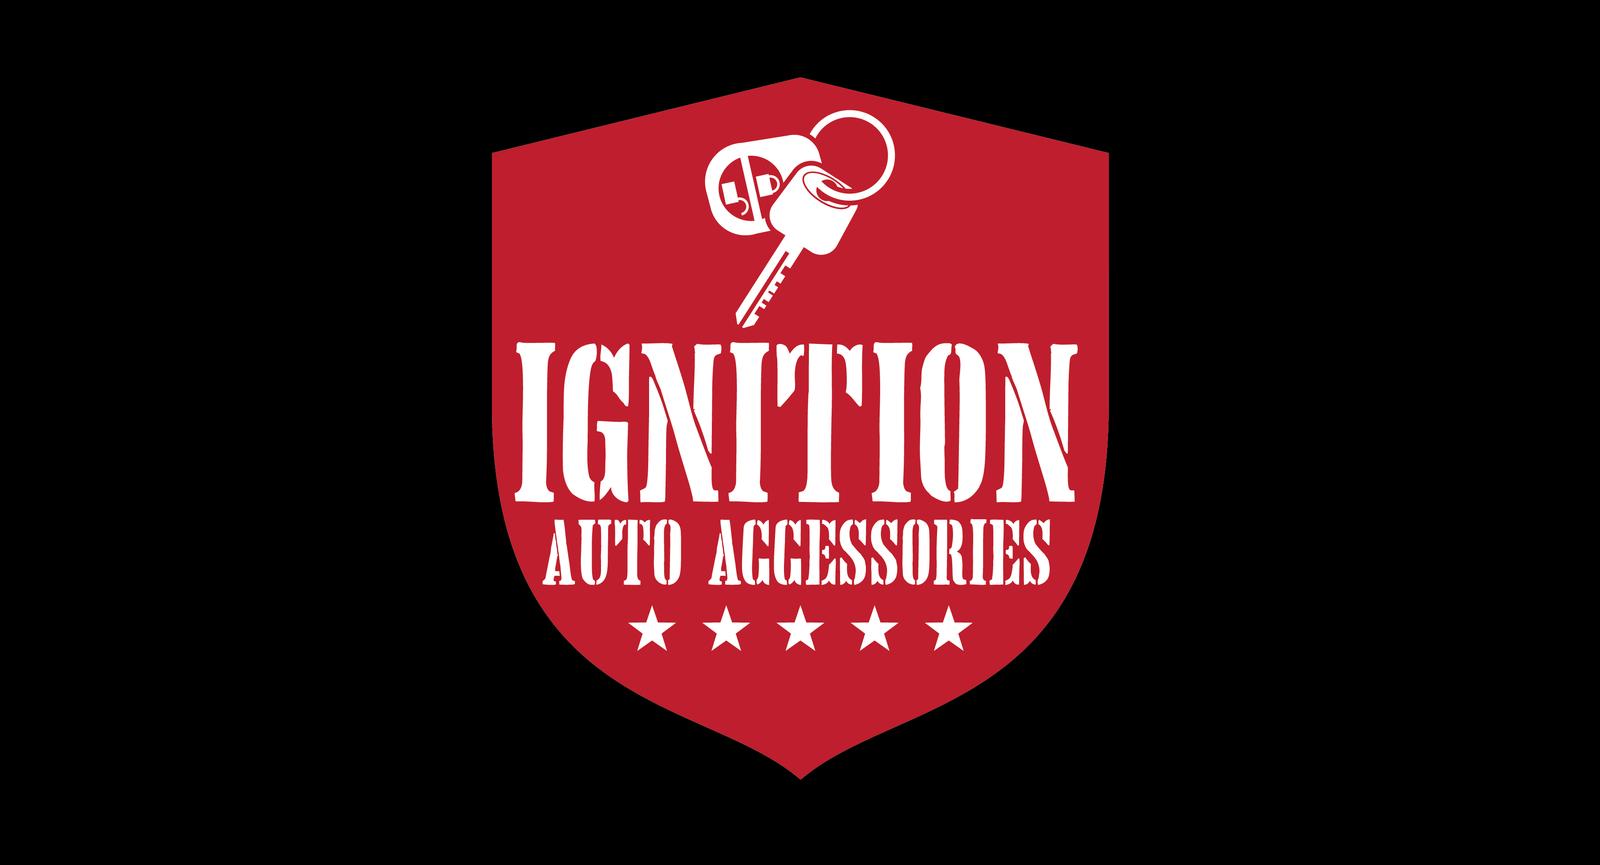 Ignition Auto Accessories